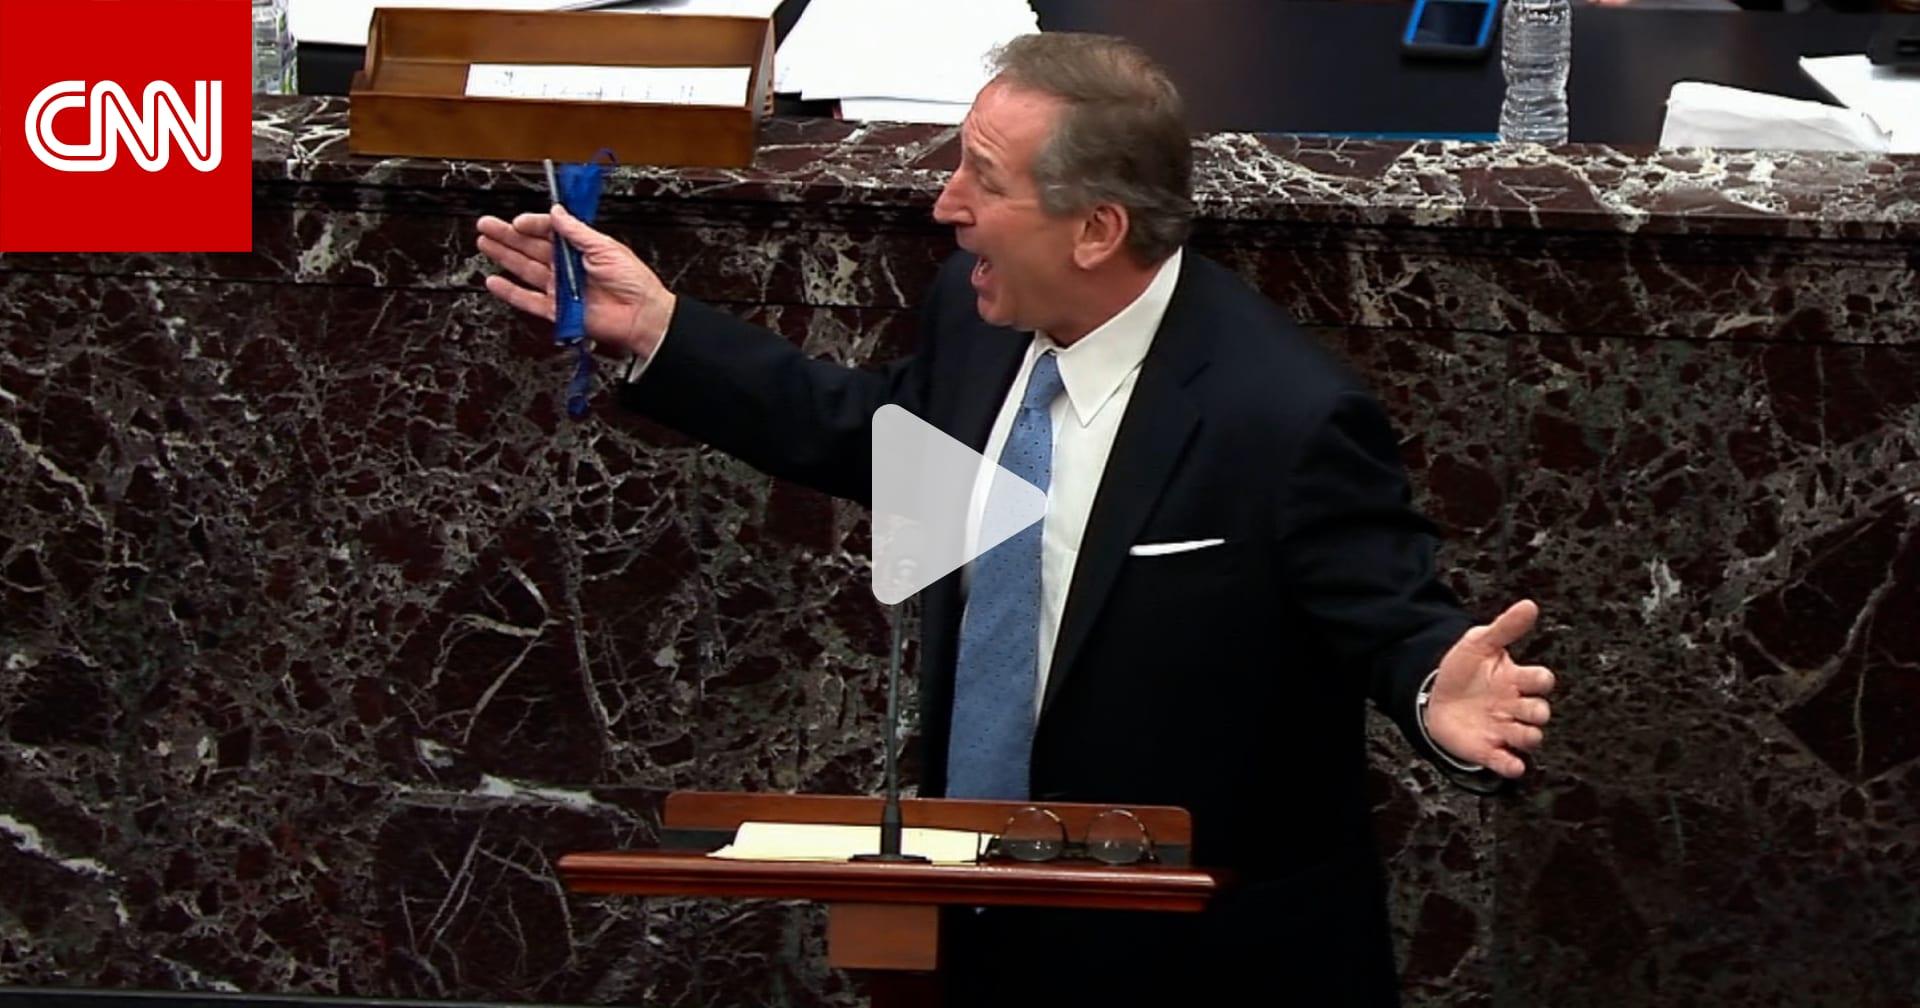 شاهد.. لماذا ضحك أعضاء مجلس الشيوخ خلال خطاب محامي الدفاع عن ترامب؟